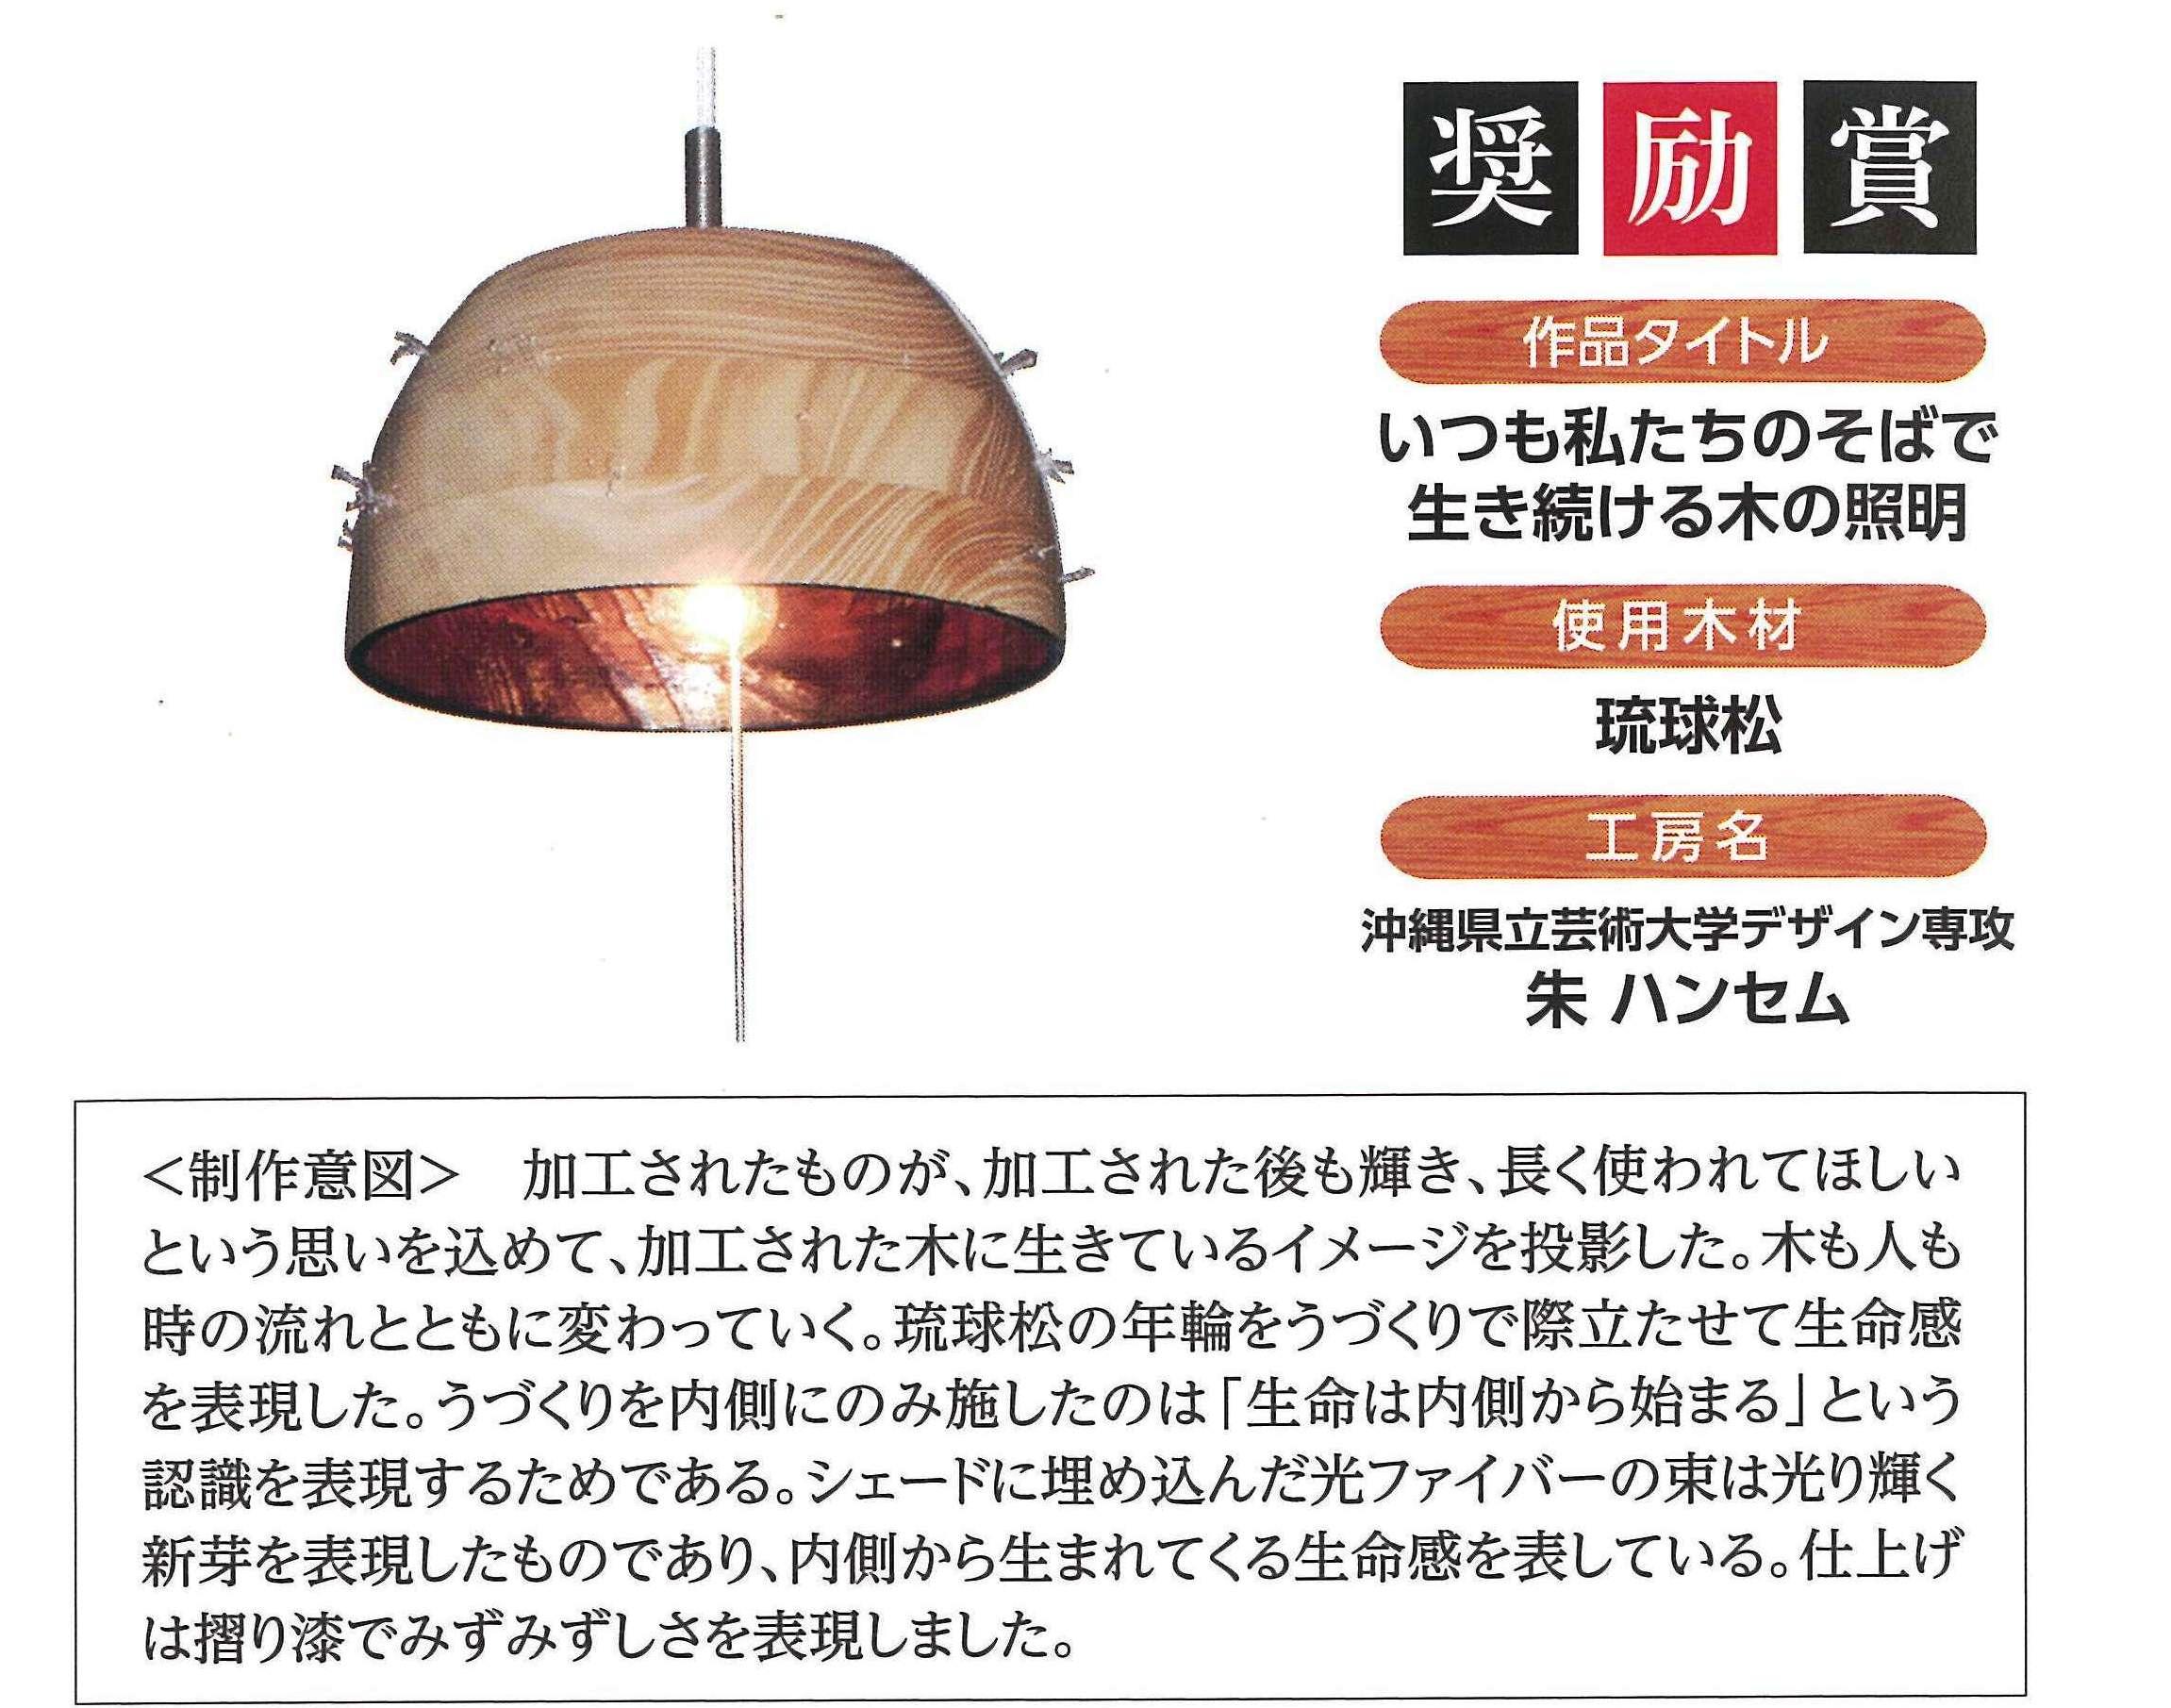 県産木製品コンペ_奨励賞_2